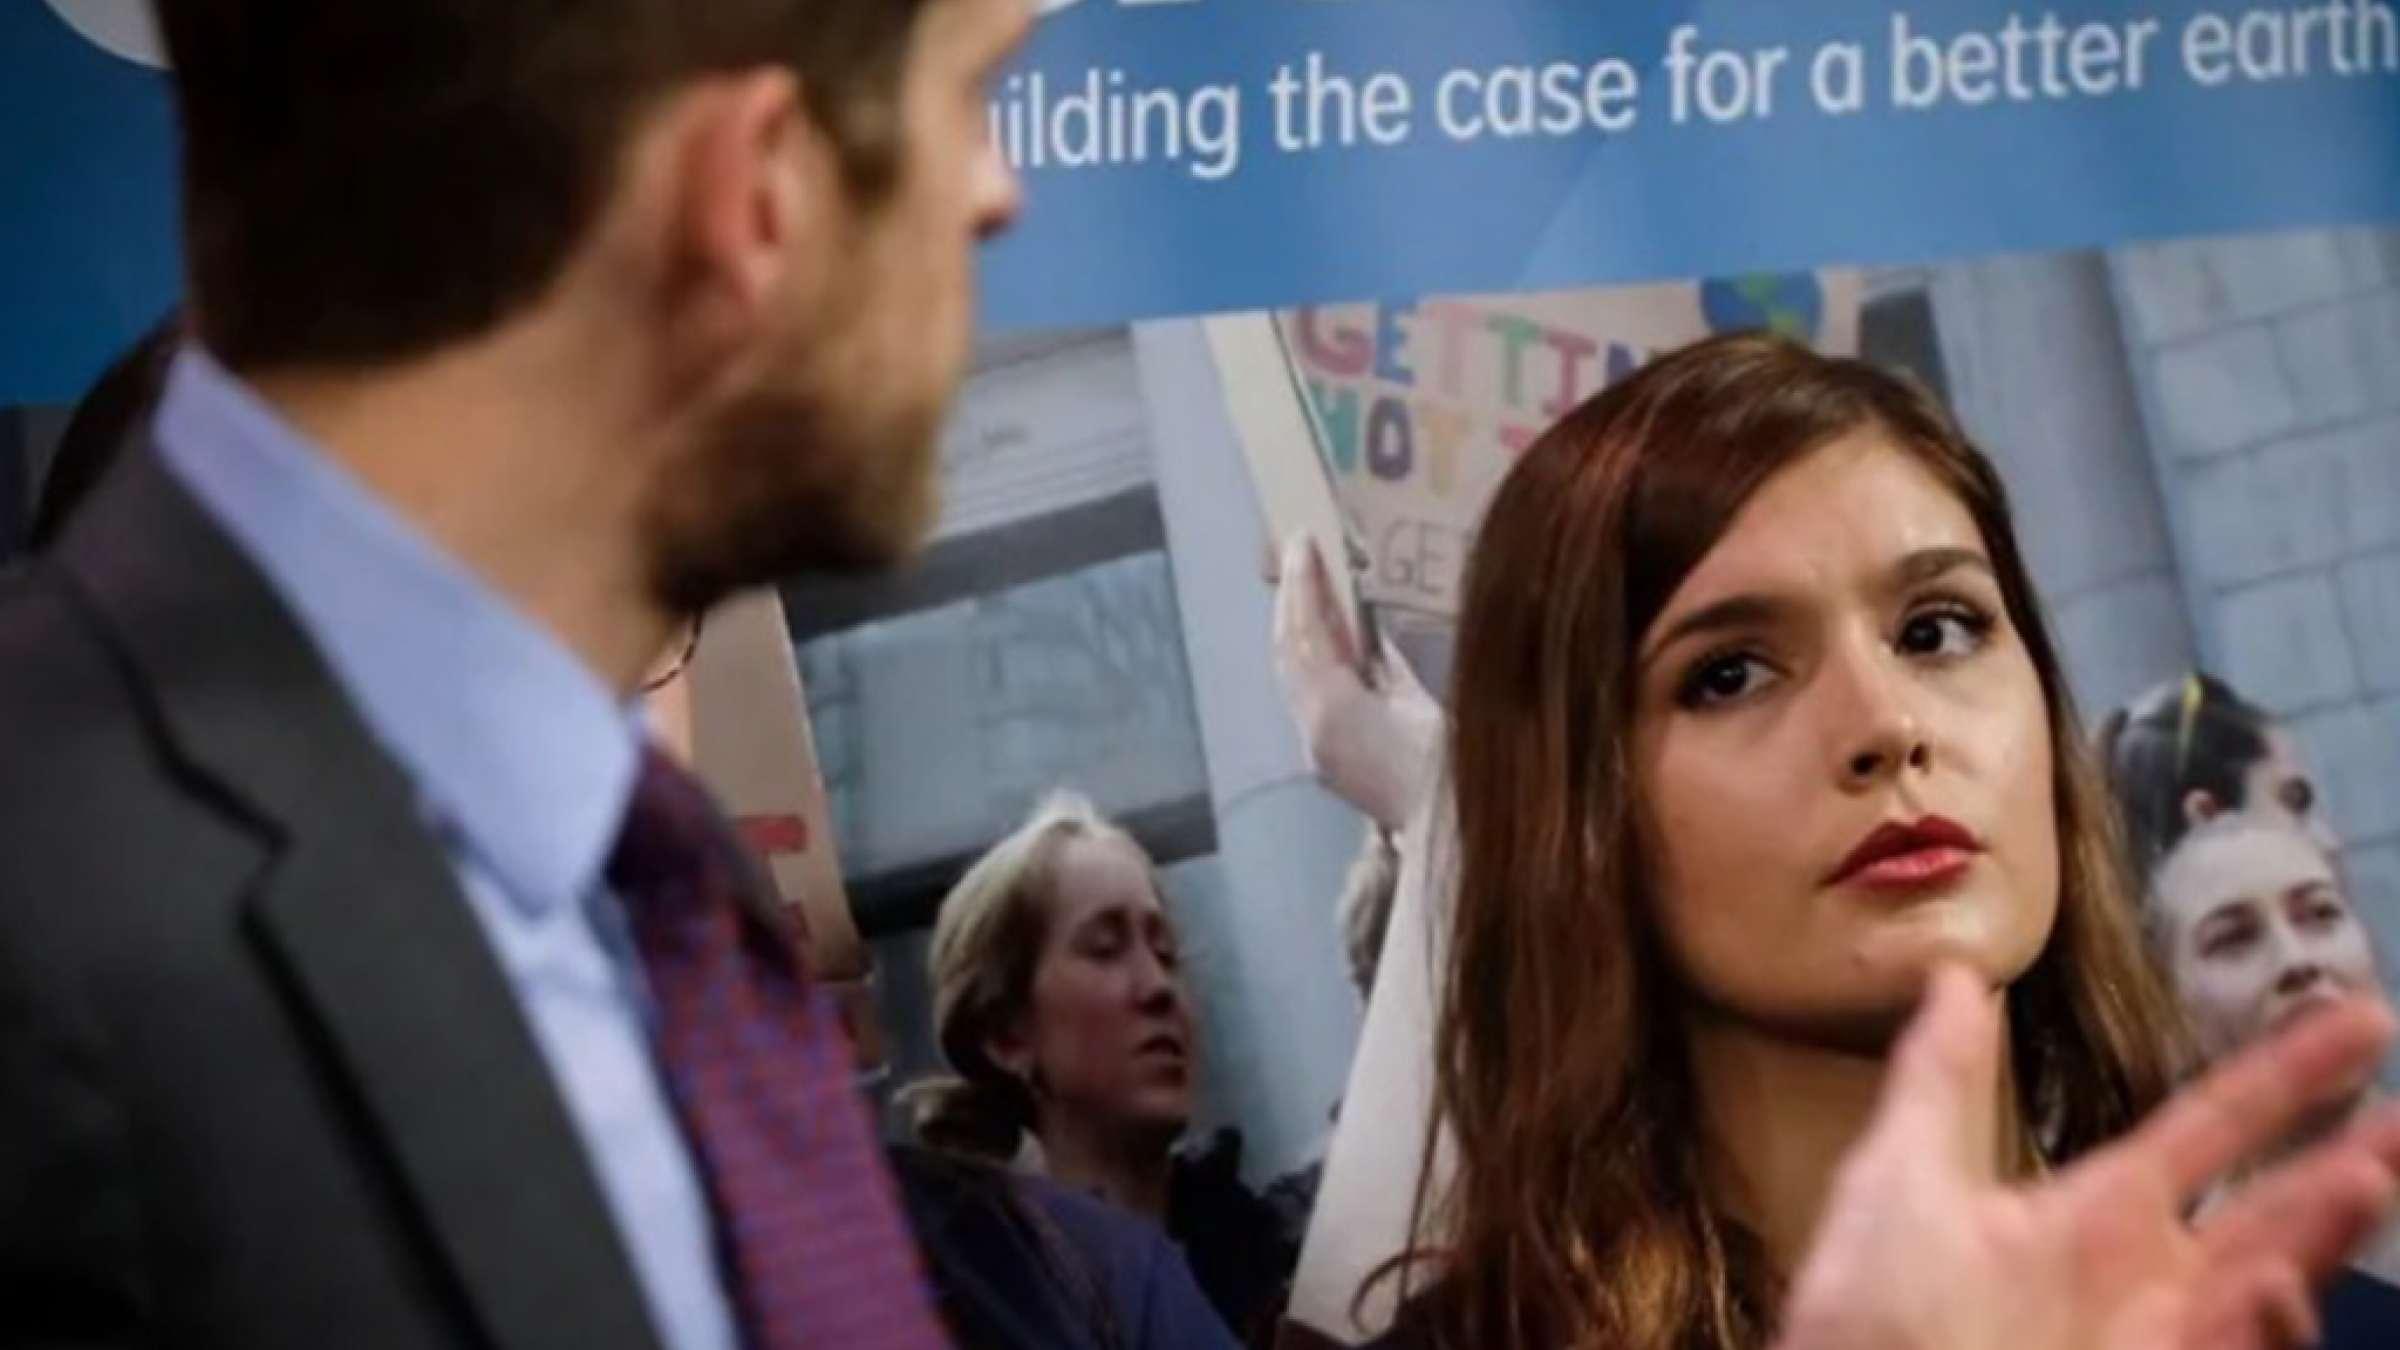 اخبار-تورنتو-نوجوانان-انتاریویی-فورد-را-برای-کوتاهی-در-مقابله-با-تغییرات-اقلیمی-سو-کردند